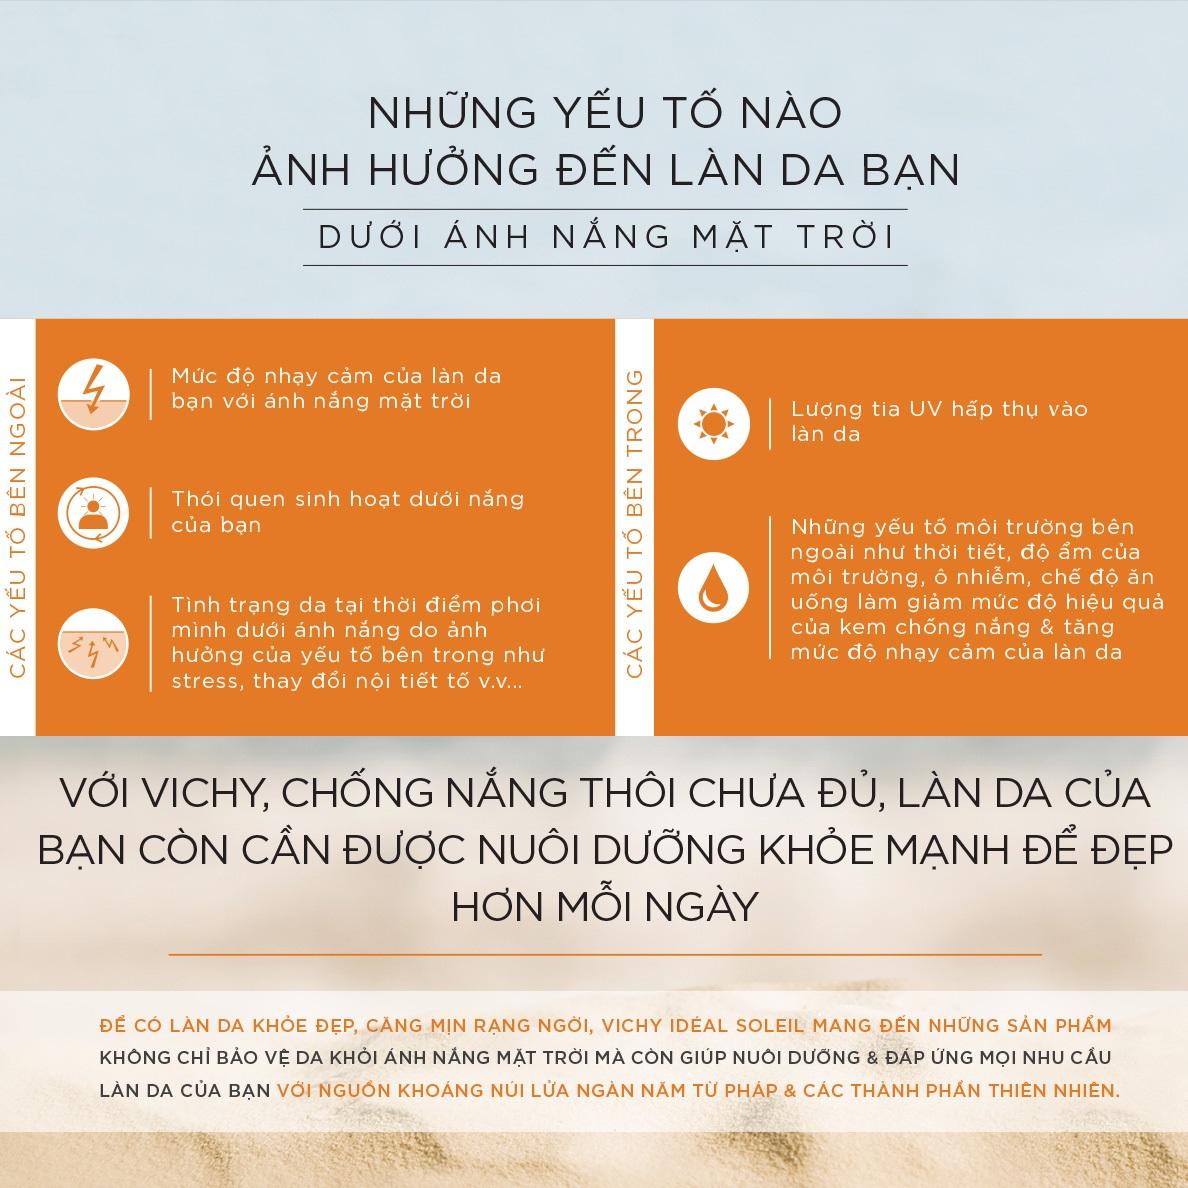 Kem Chống Nắng Chống Lão Hóa VICHY Capital Ideal Soleil Anti-Ageing SPF50+ UVB+UVA (50ml) + Tặng Móc Khóa